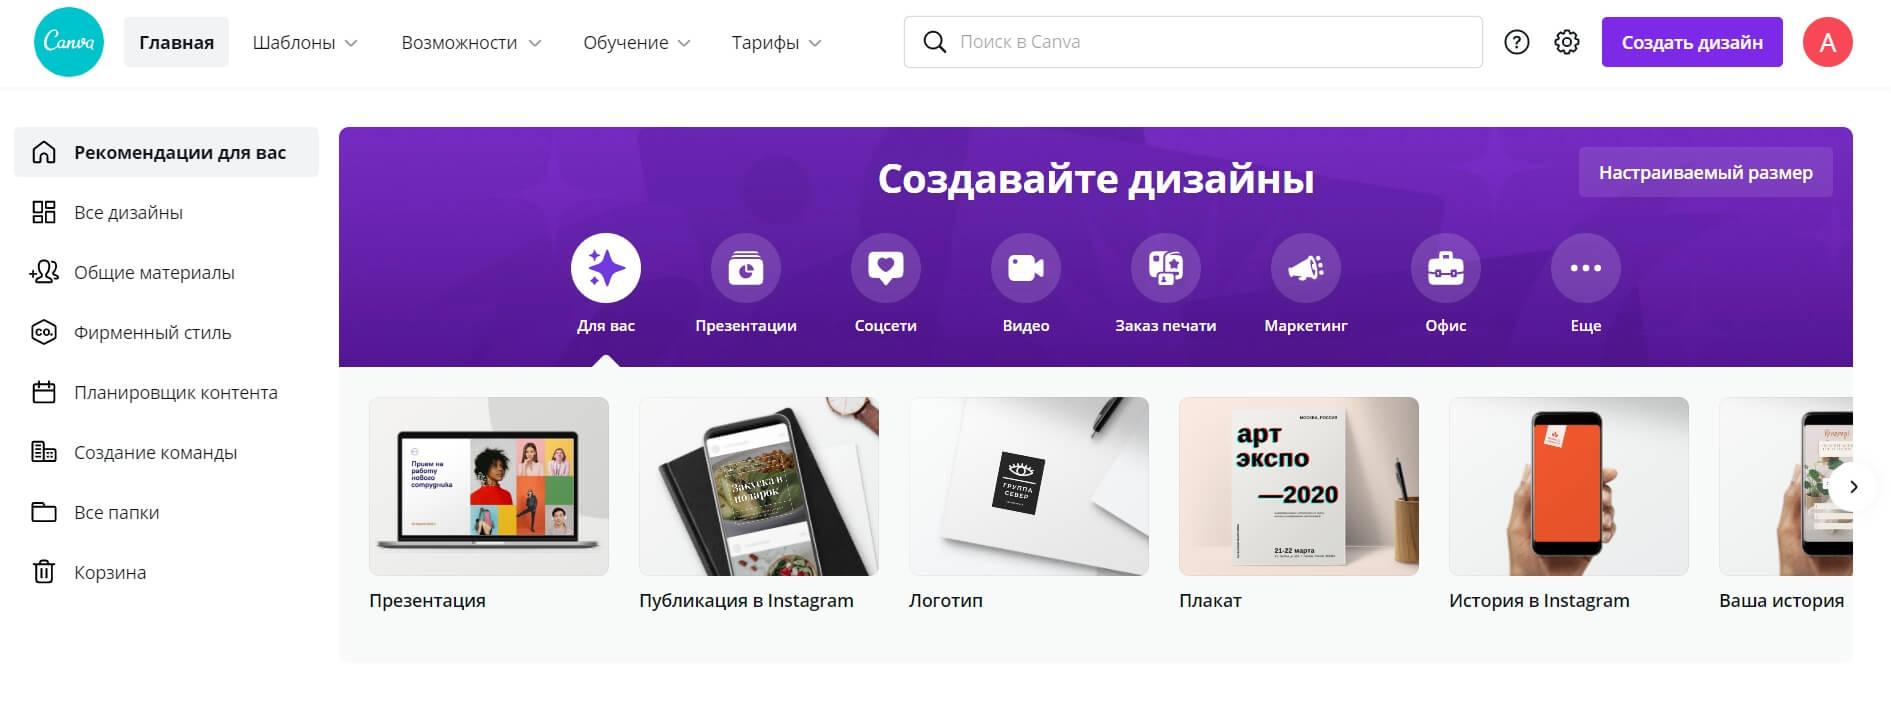 Интерфейс сервиса Canva